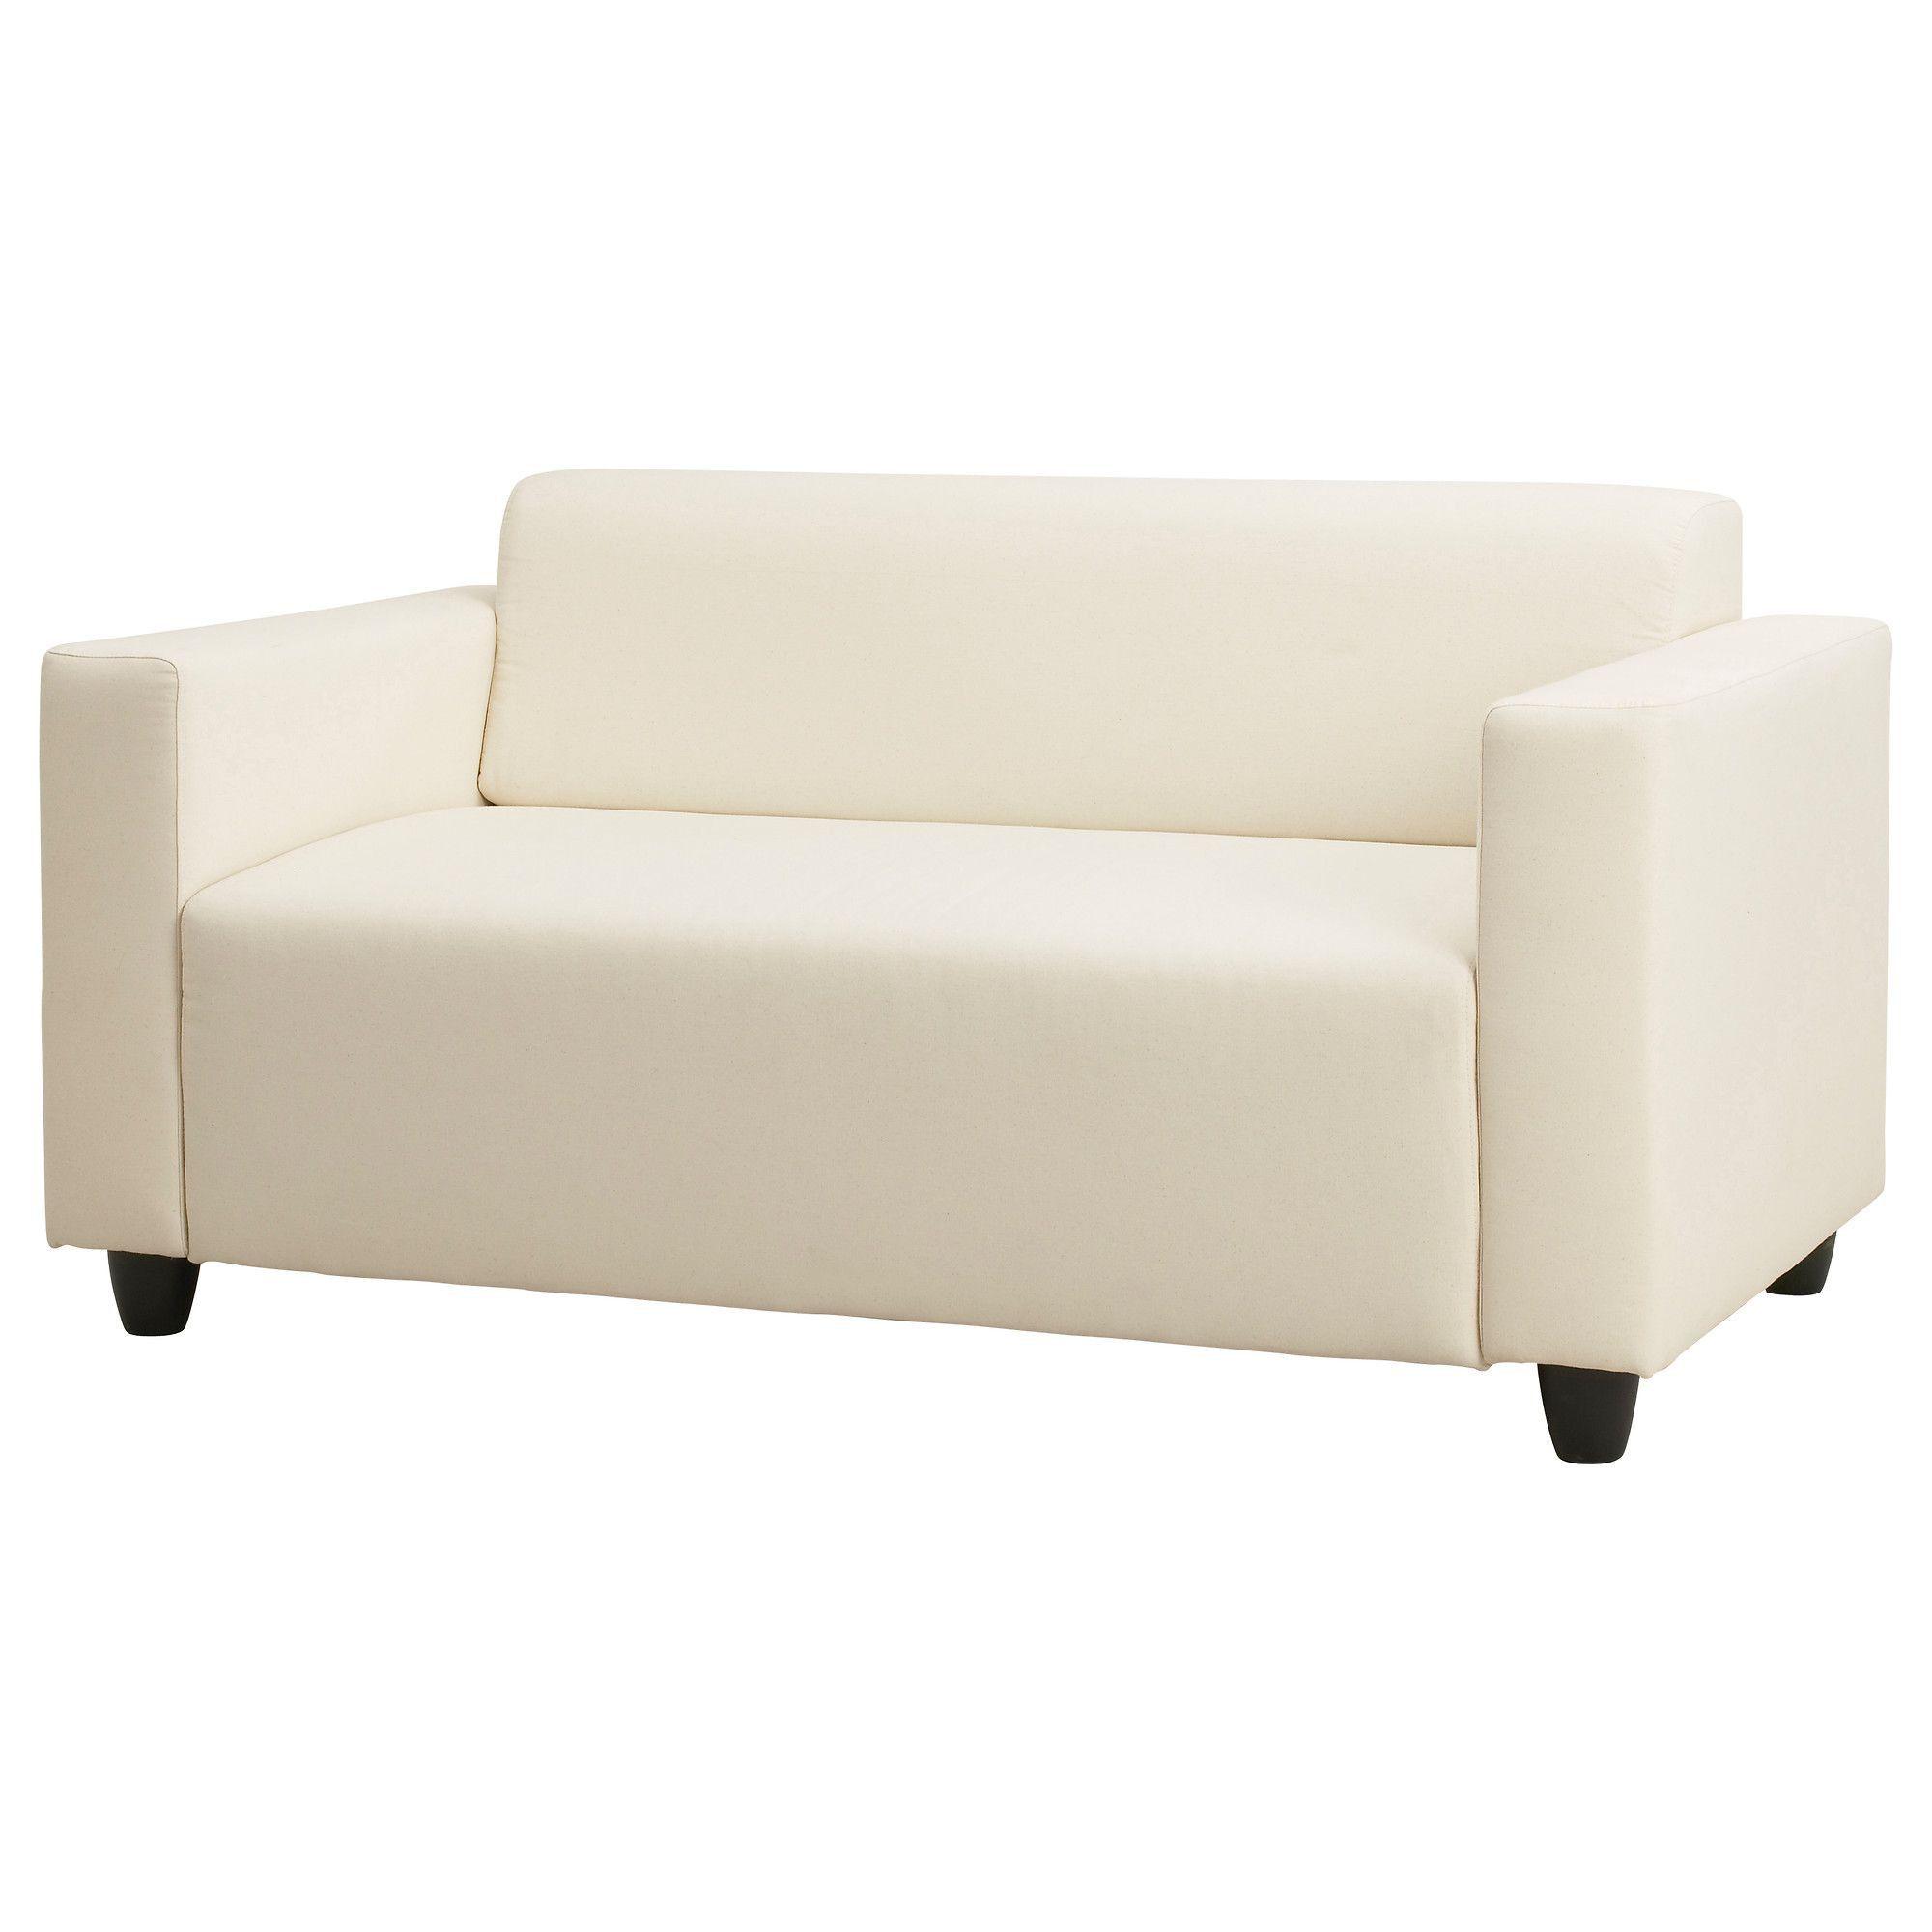 Typisch sofa Schwarz Grau | Couch Möbel | Pinterest